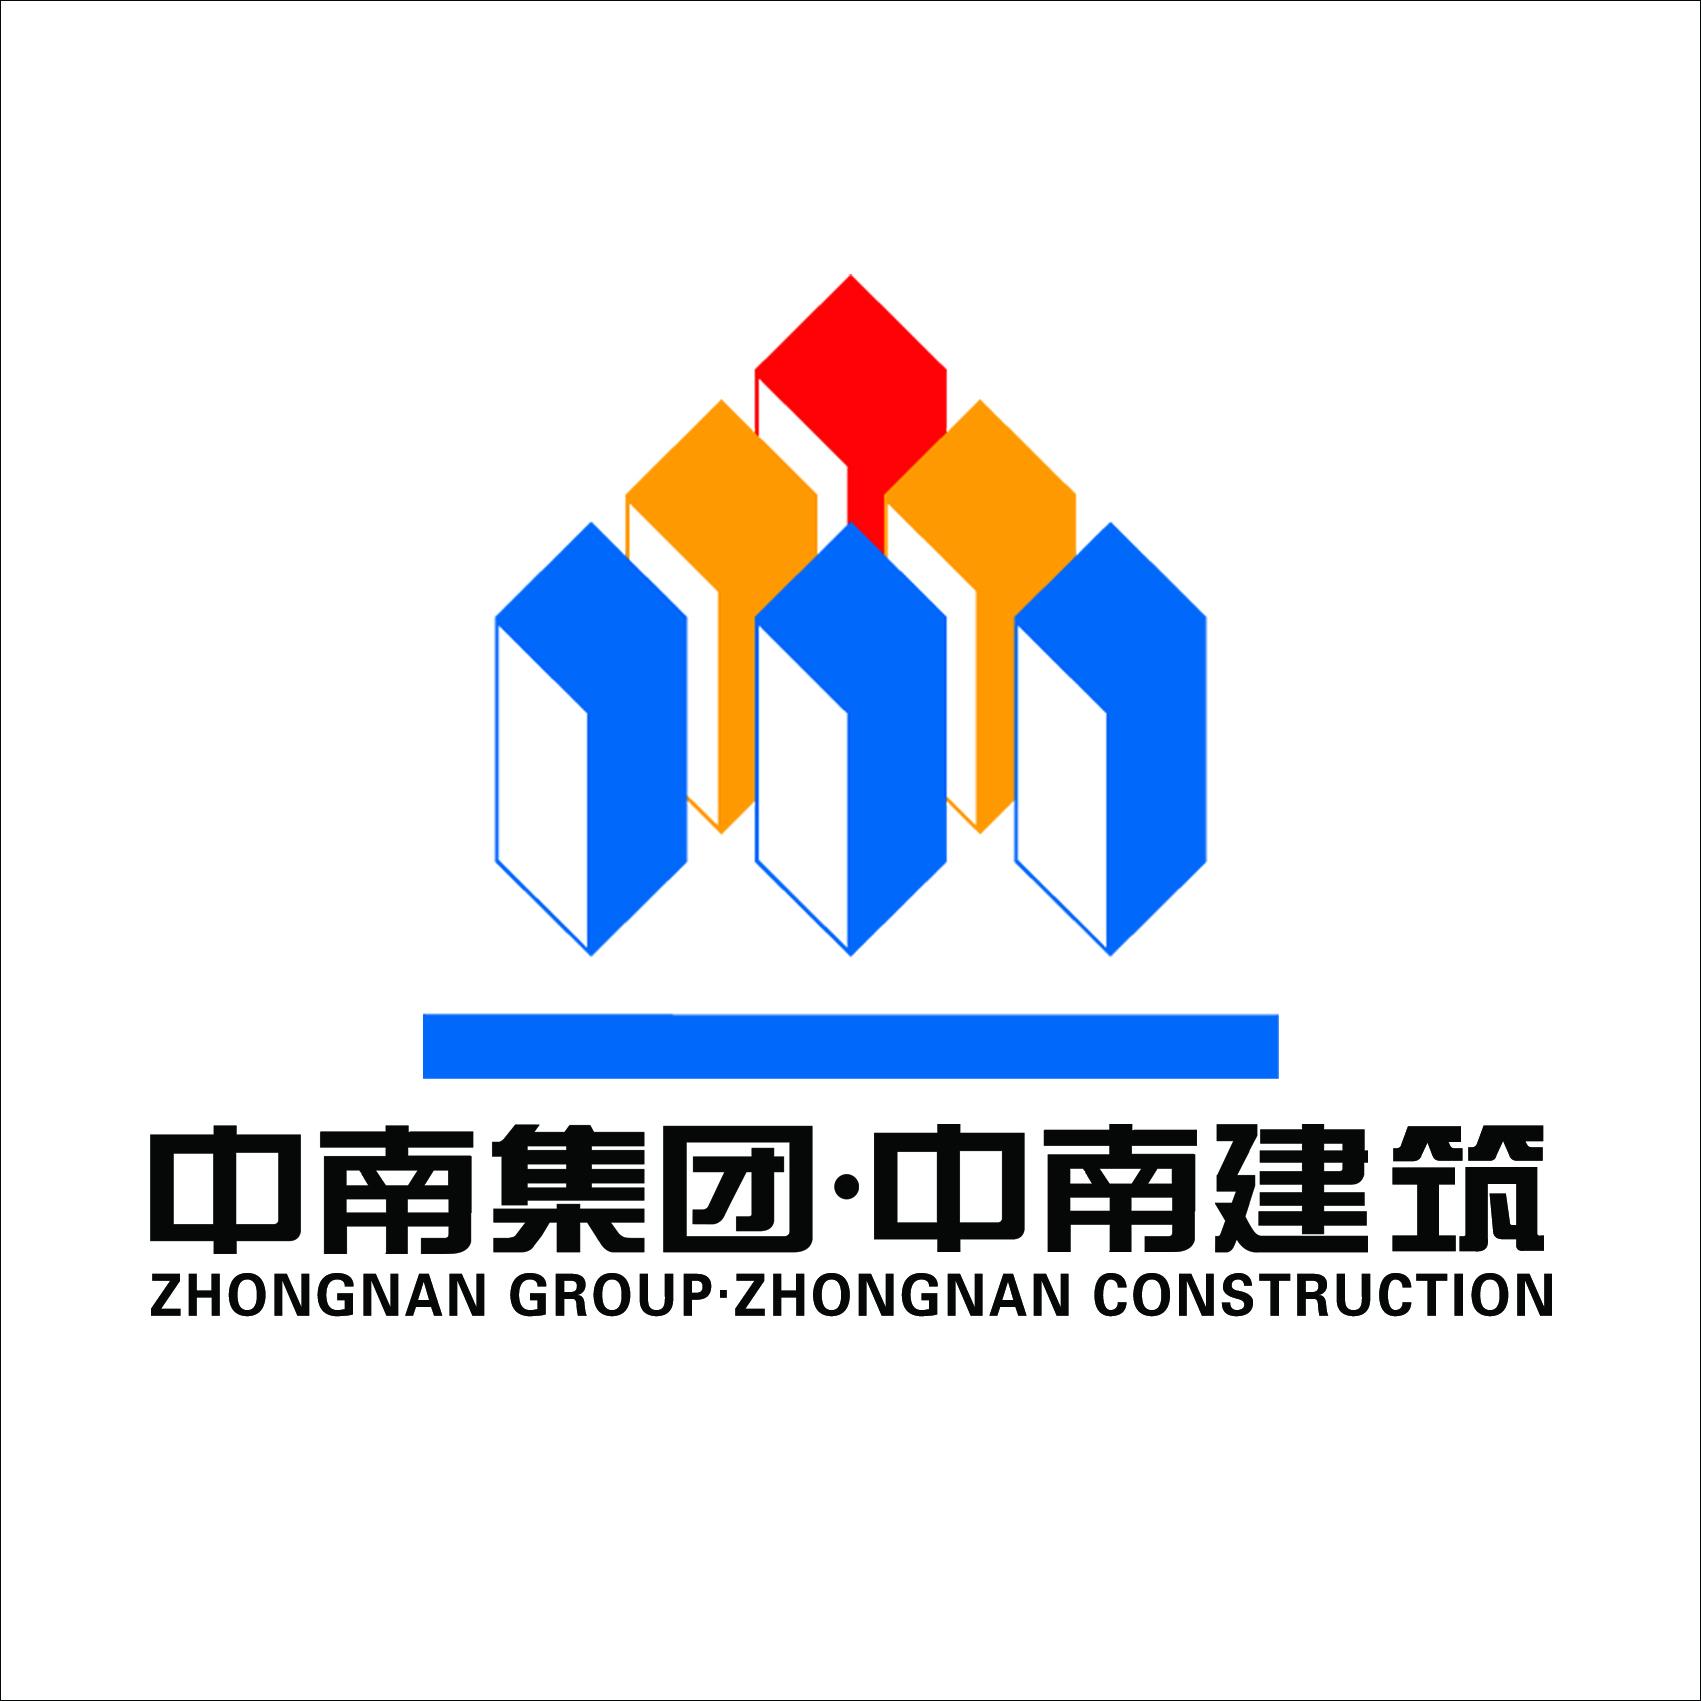 江苏中南建筑产业集团有限责任公司